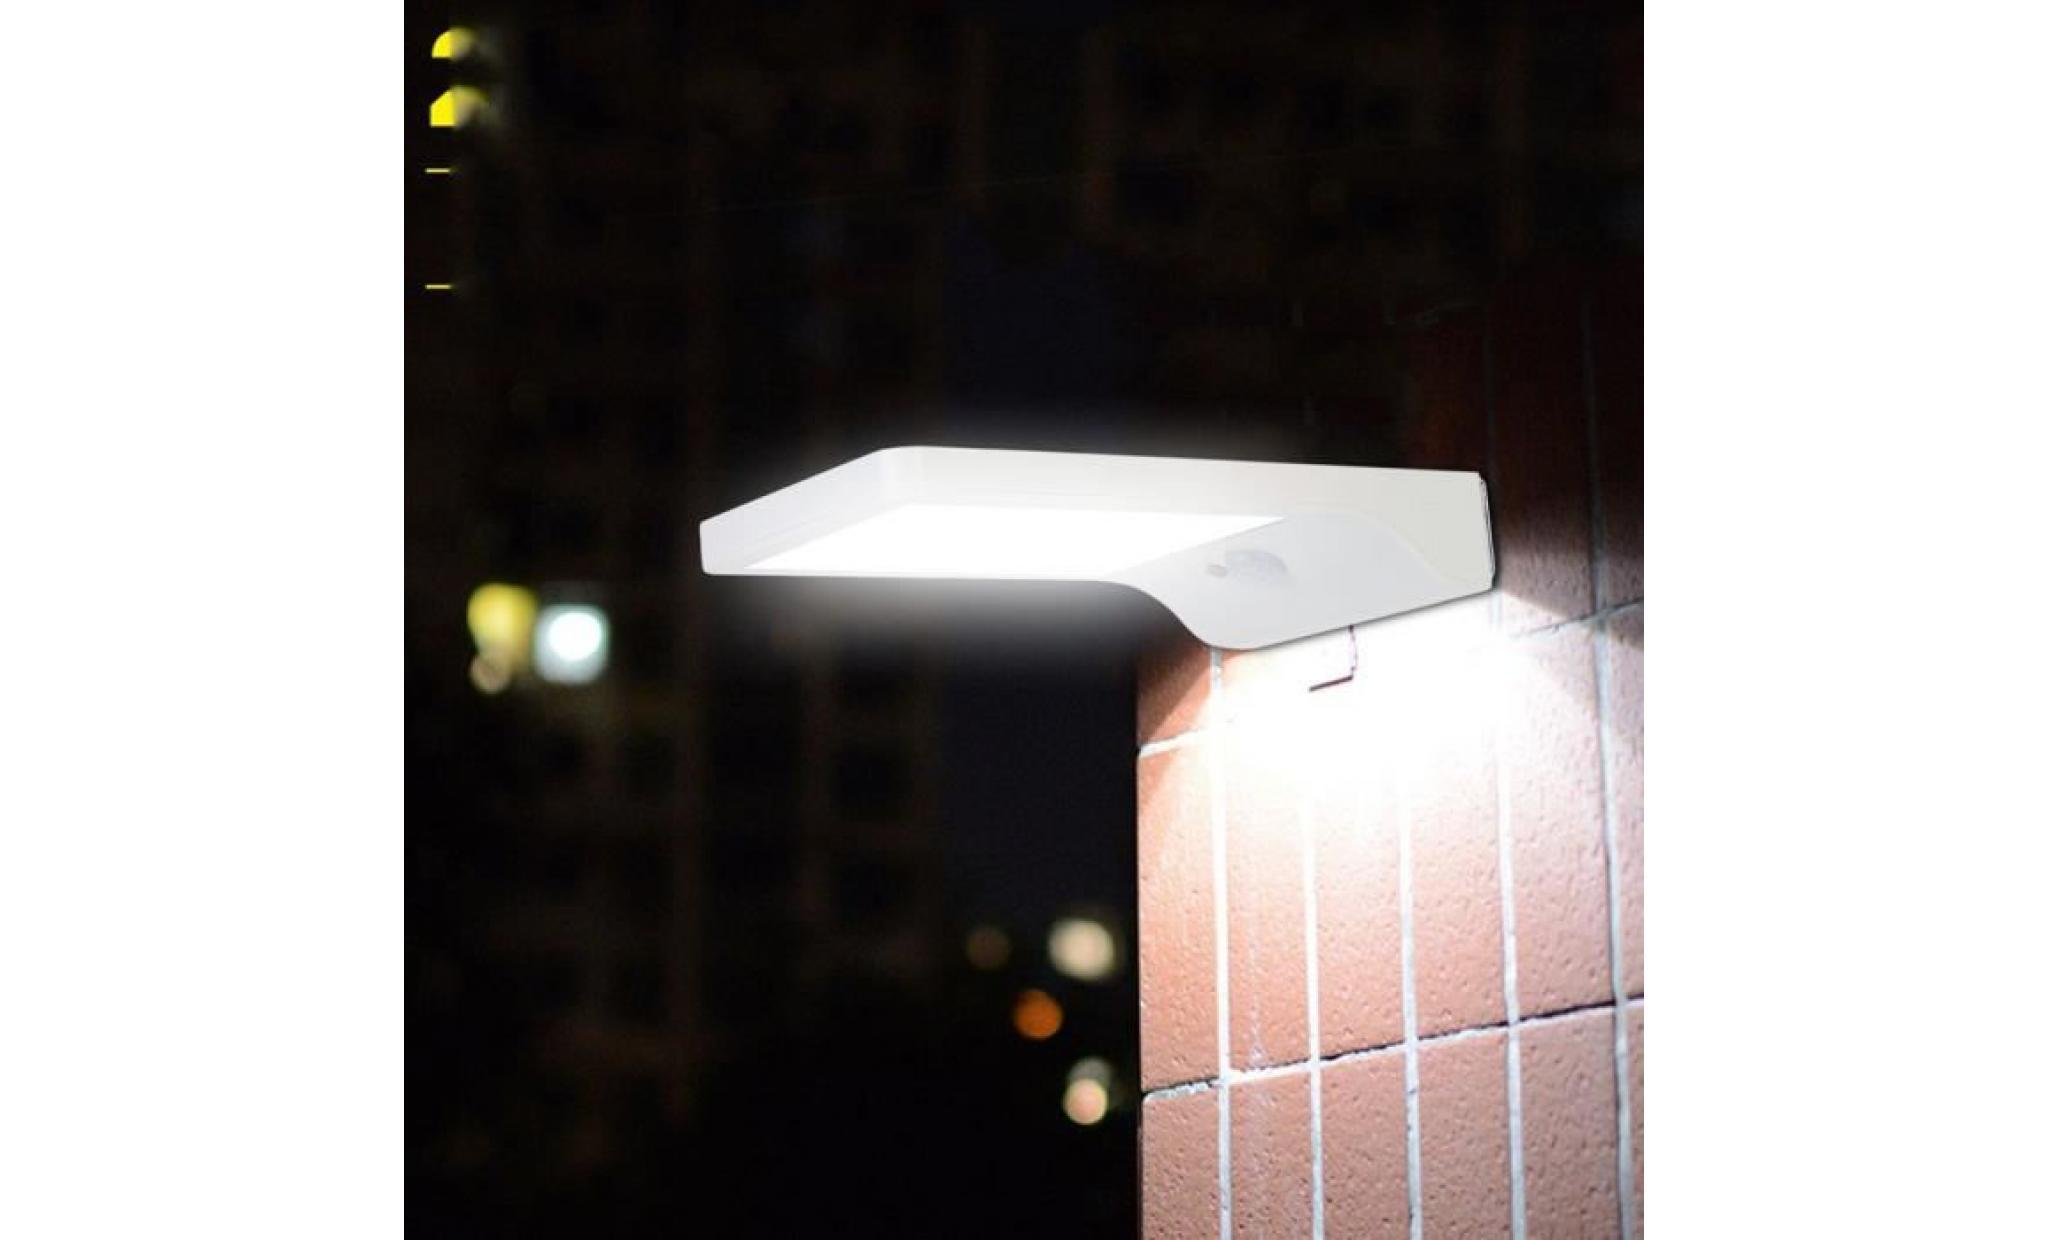 lampe de jardin 36 leds super brillant energie solaire applique murale achat vente lampadaire jardin pas cher coindujardin com